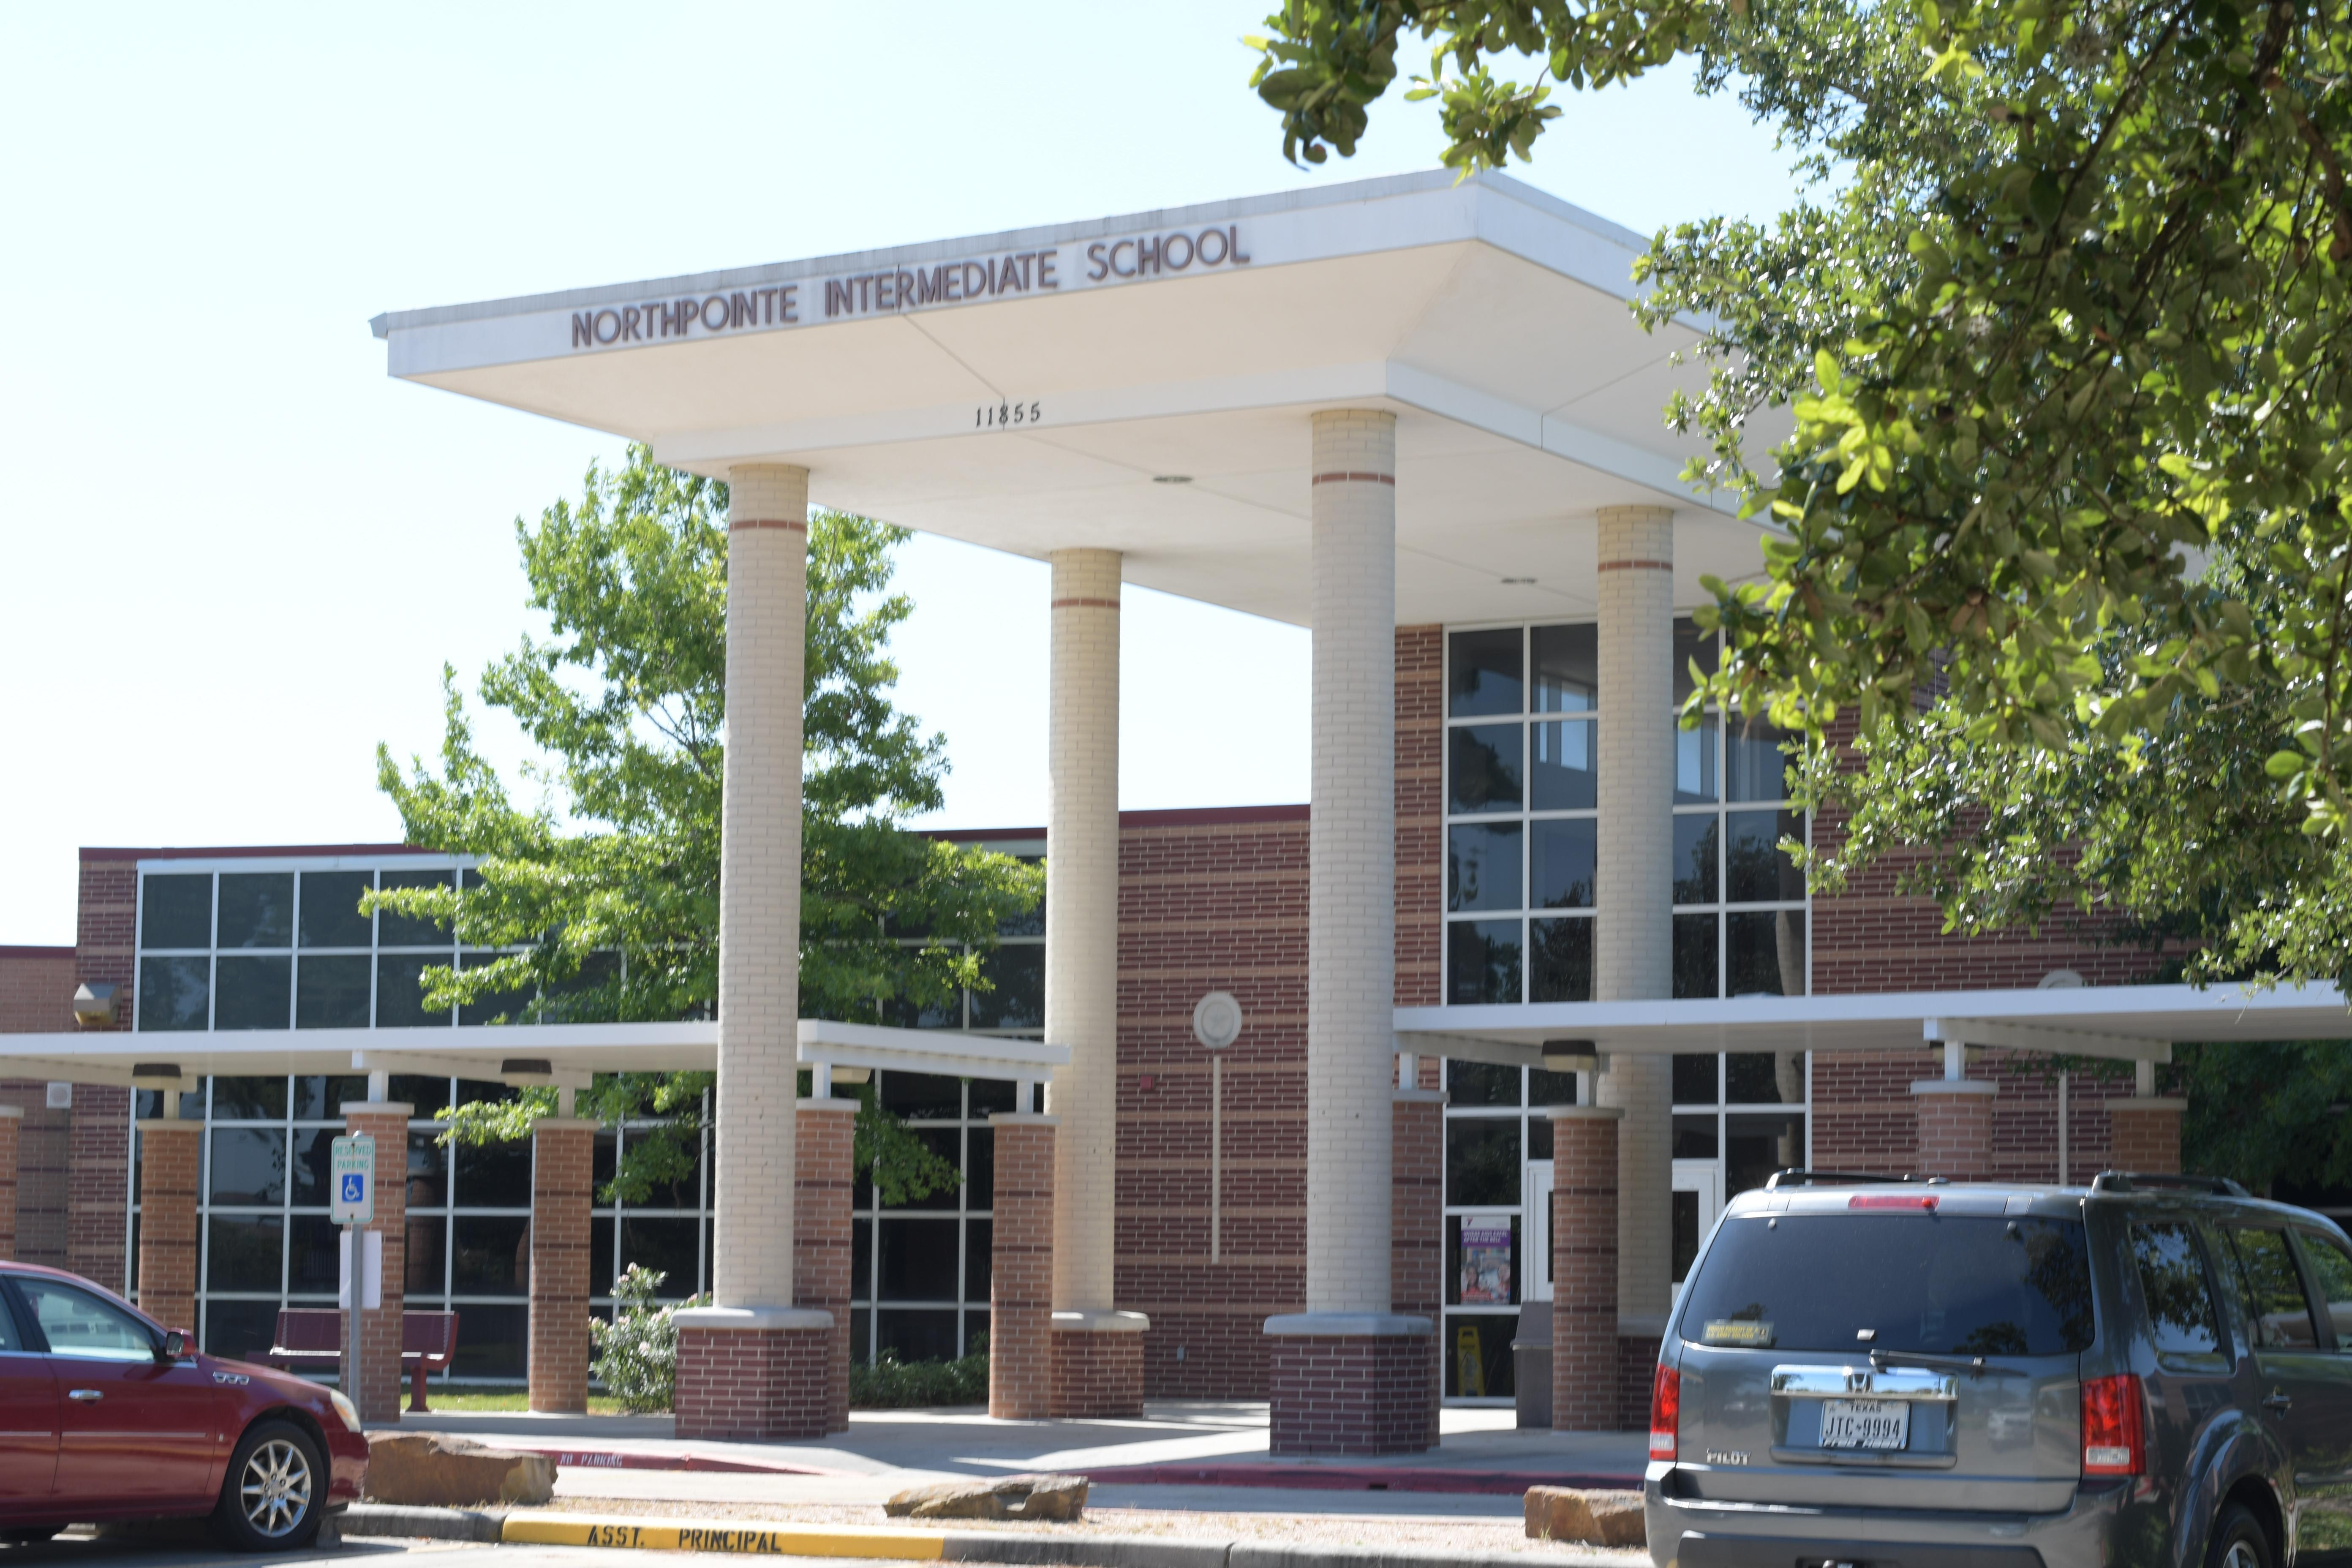 Northpointe Intermediate